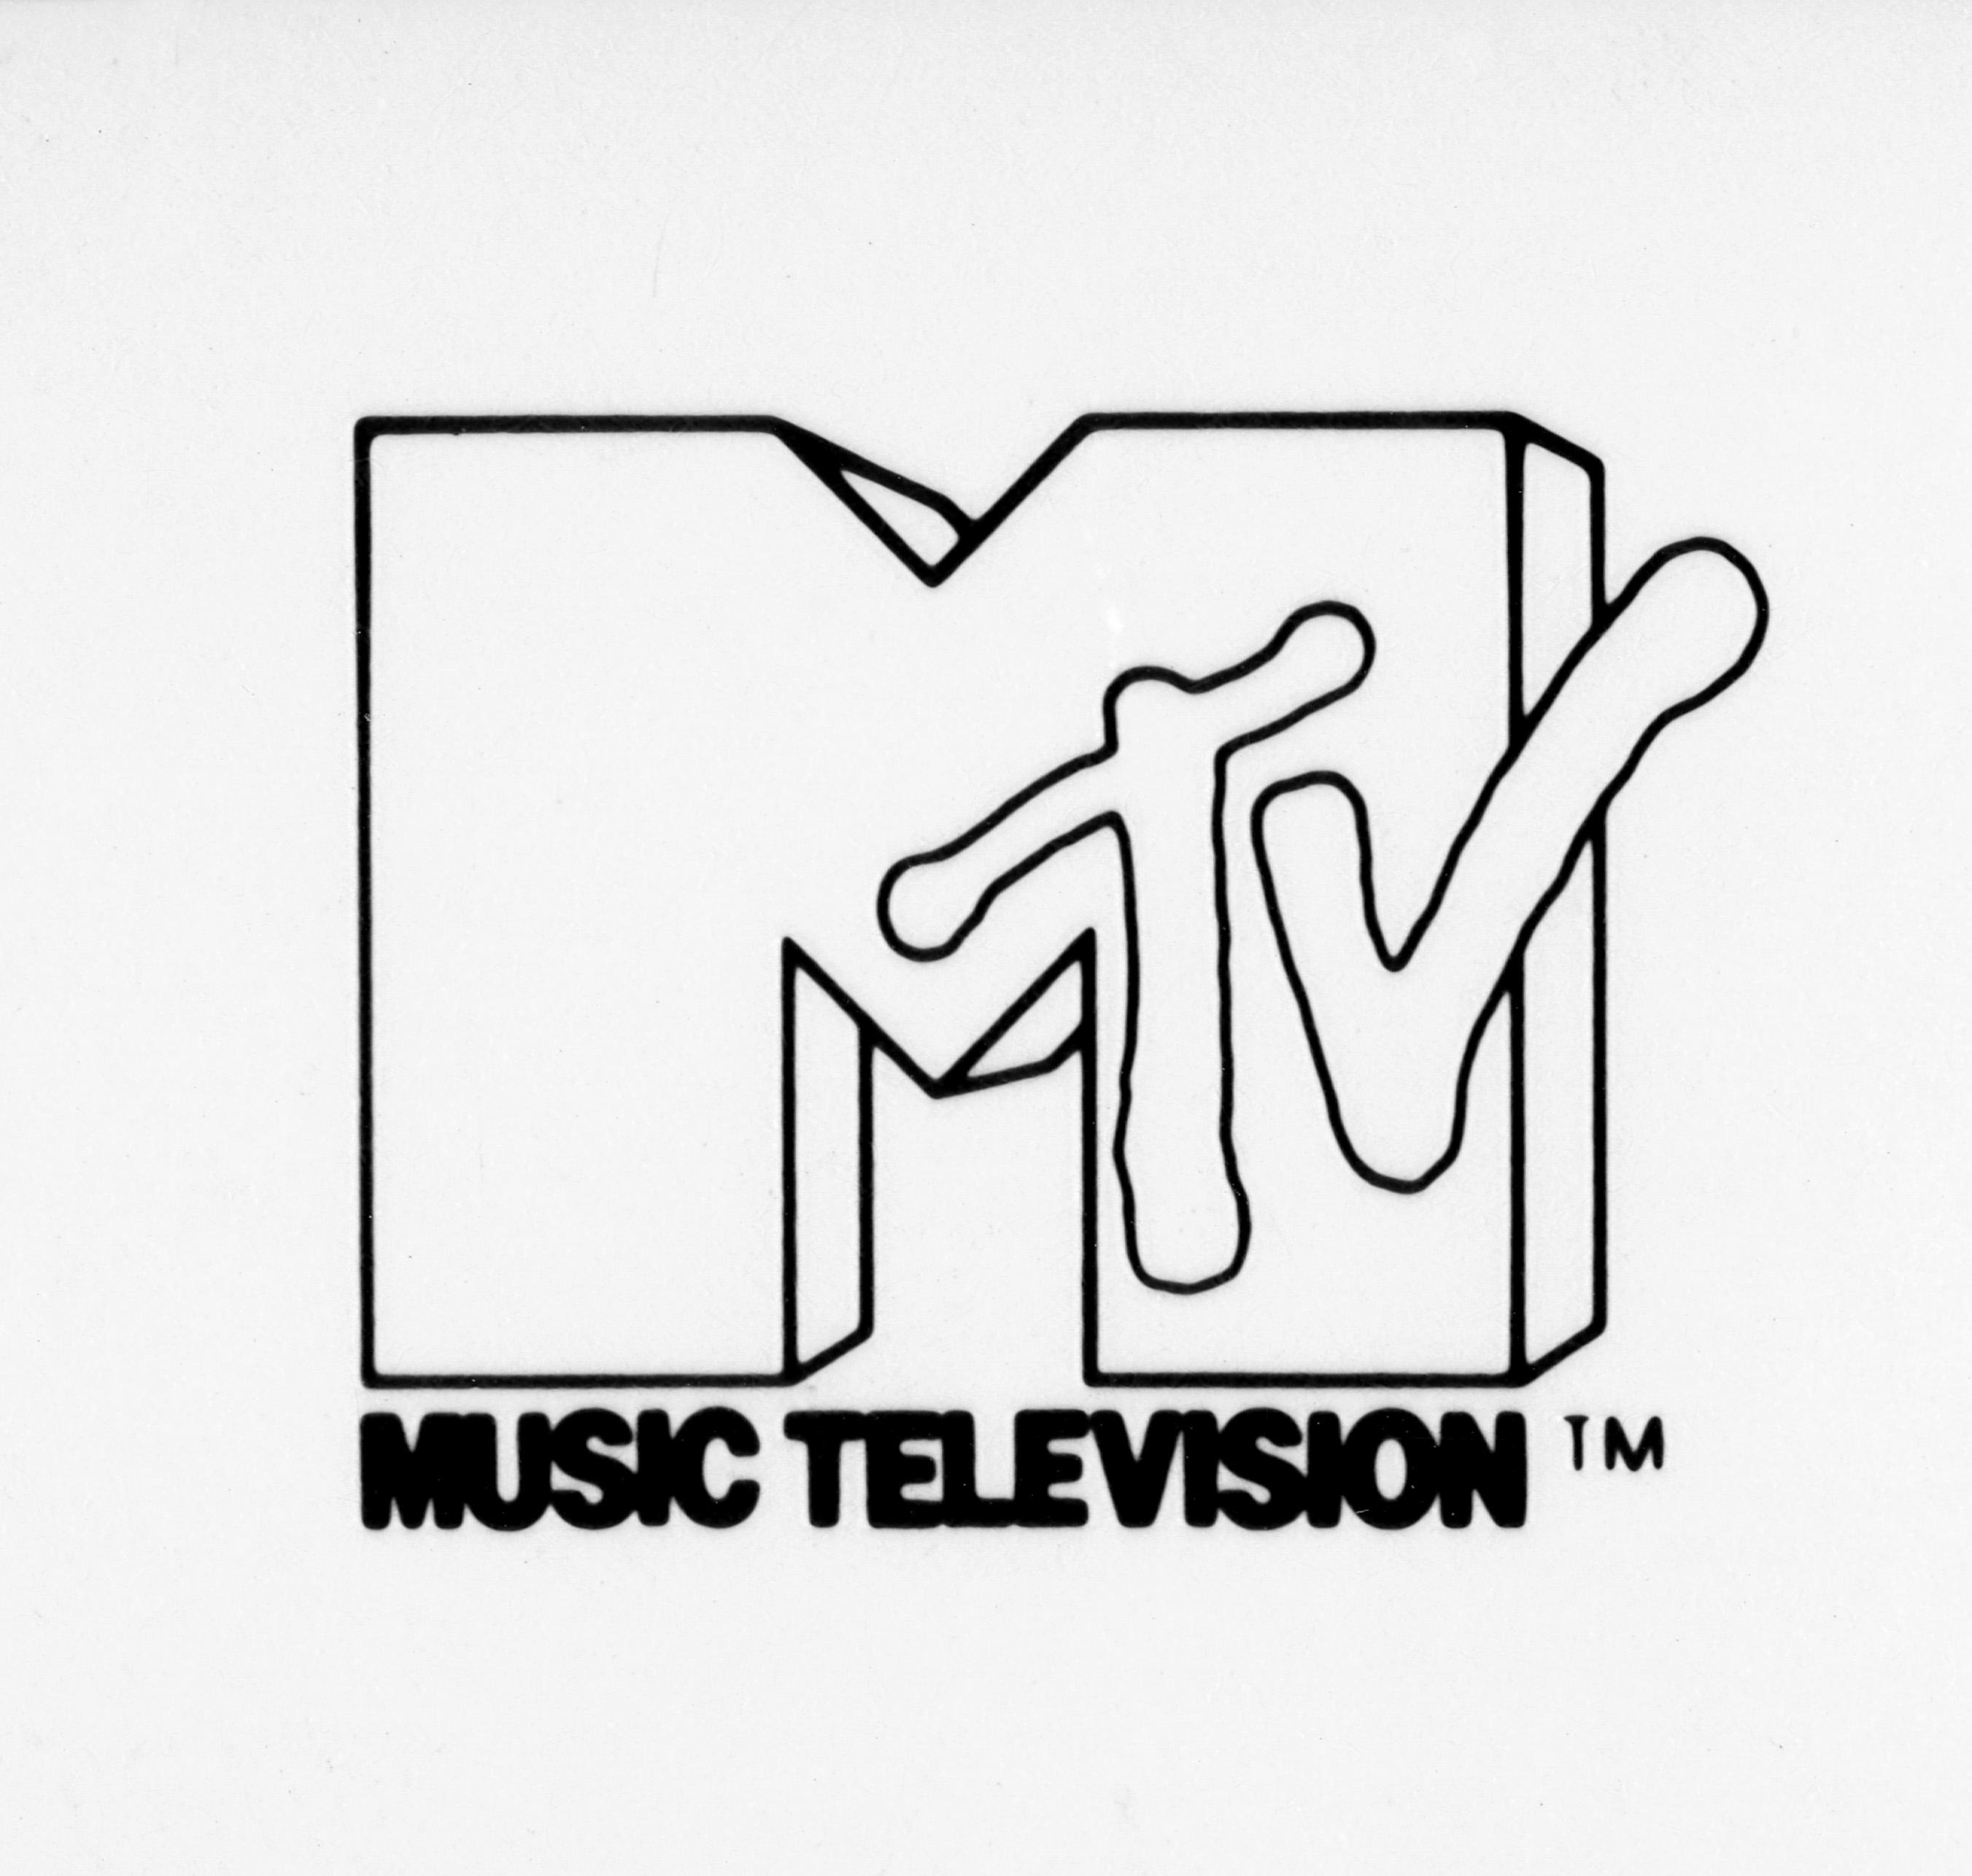 MTV's logo circa 1982.